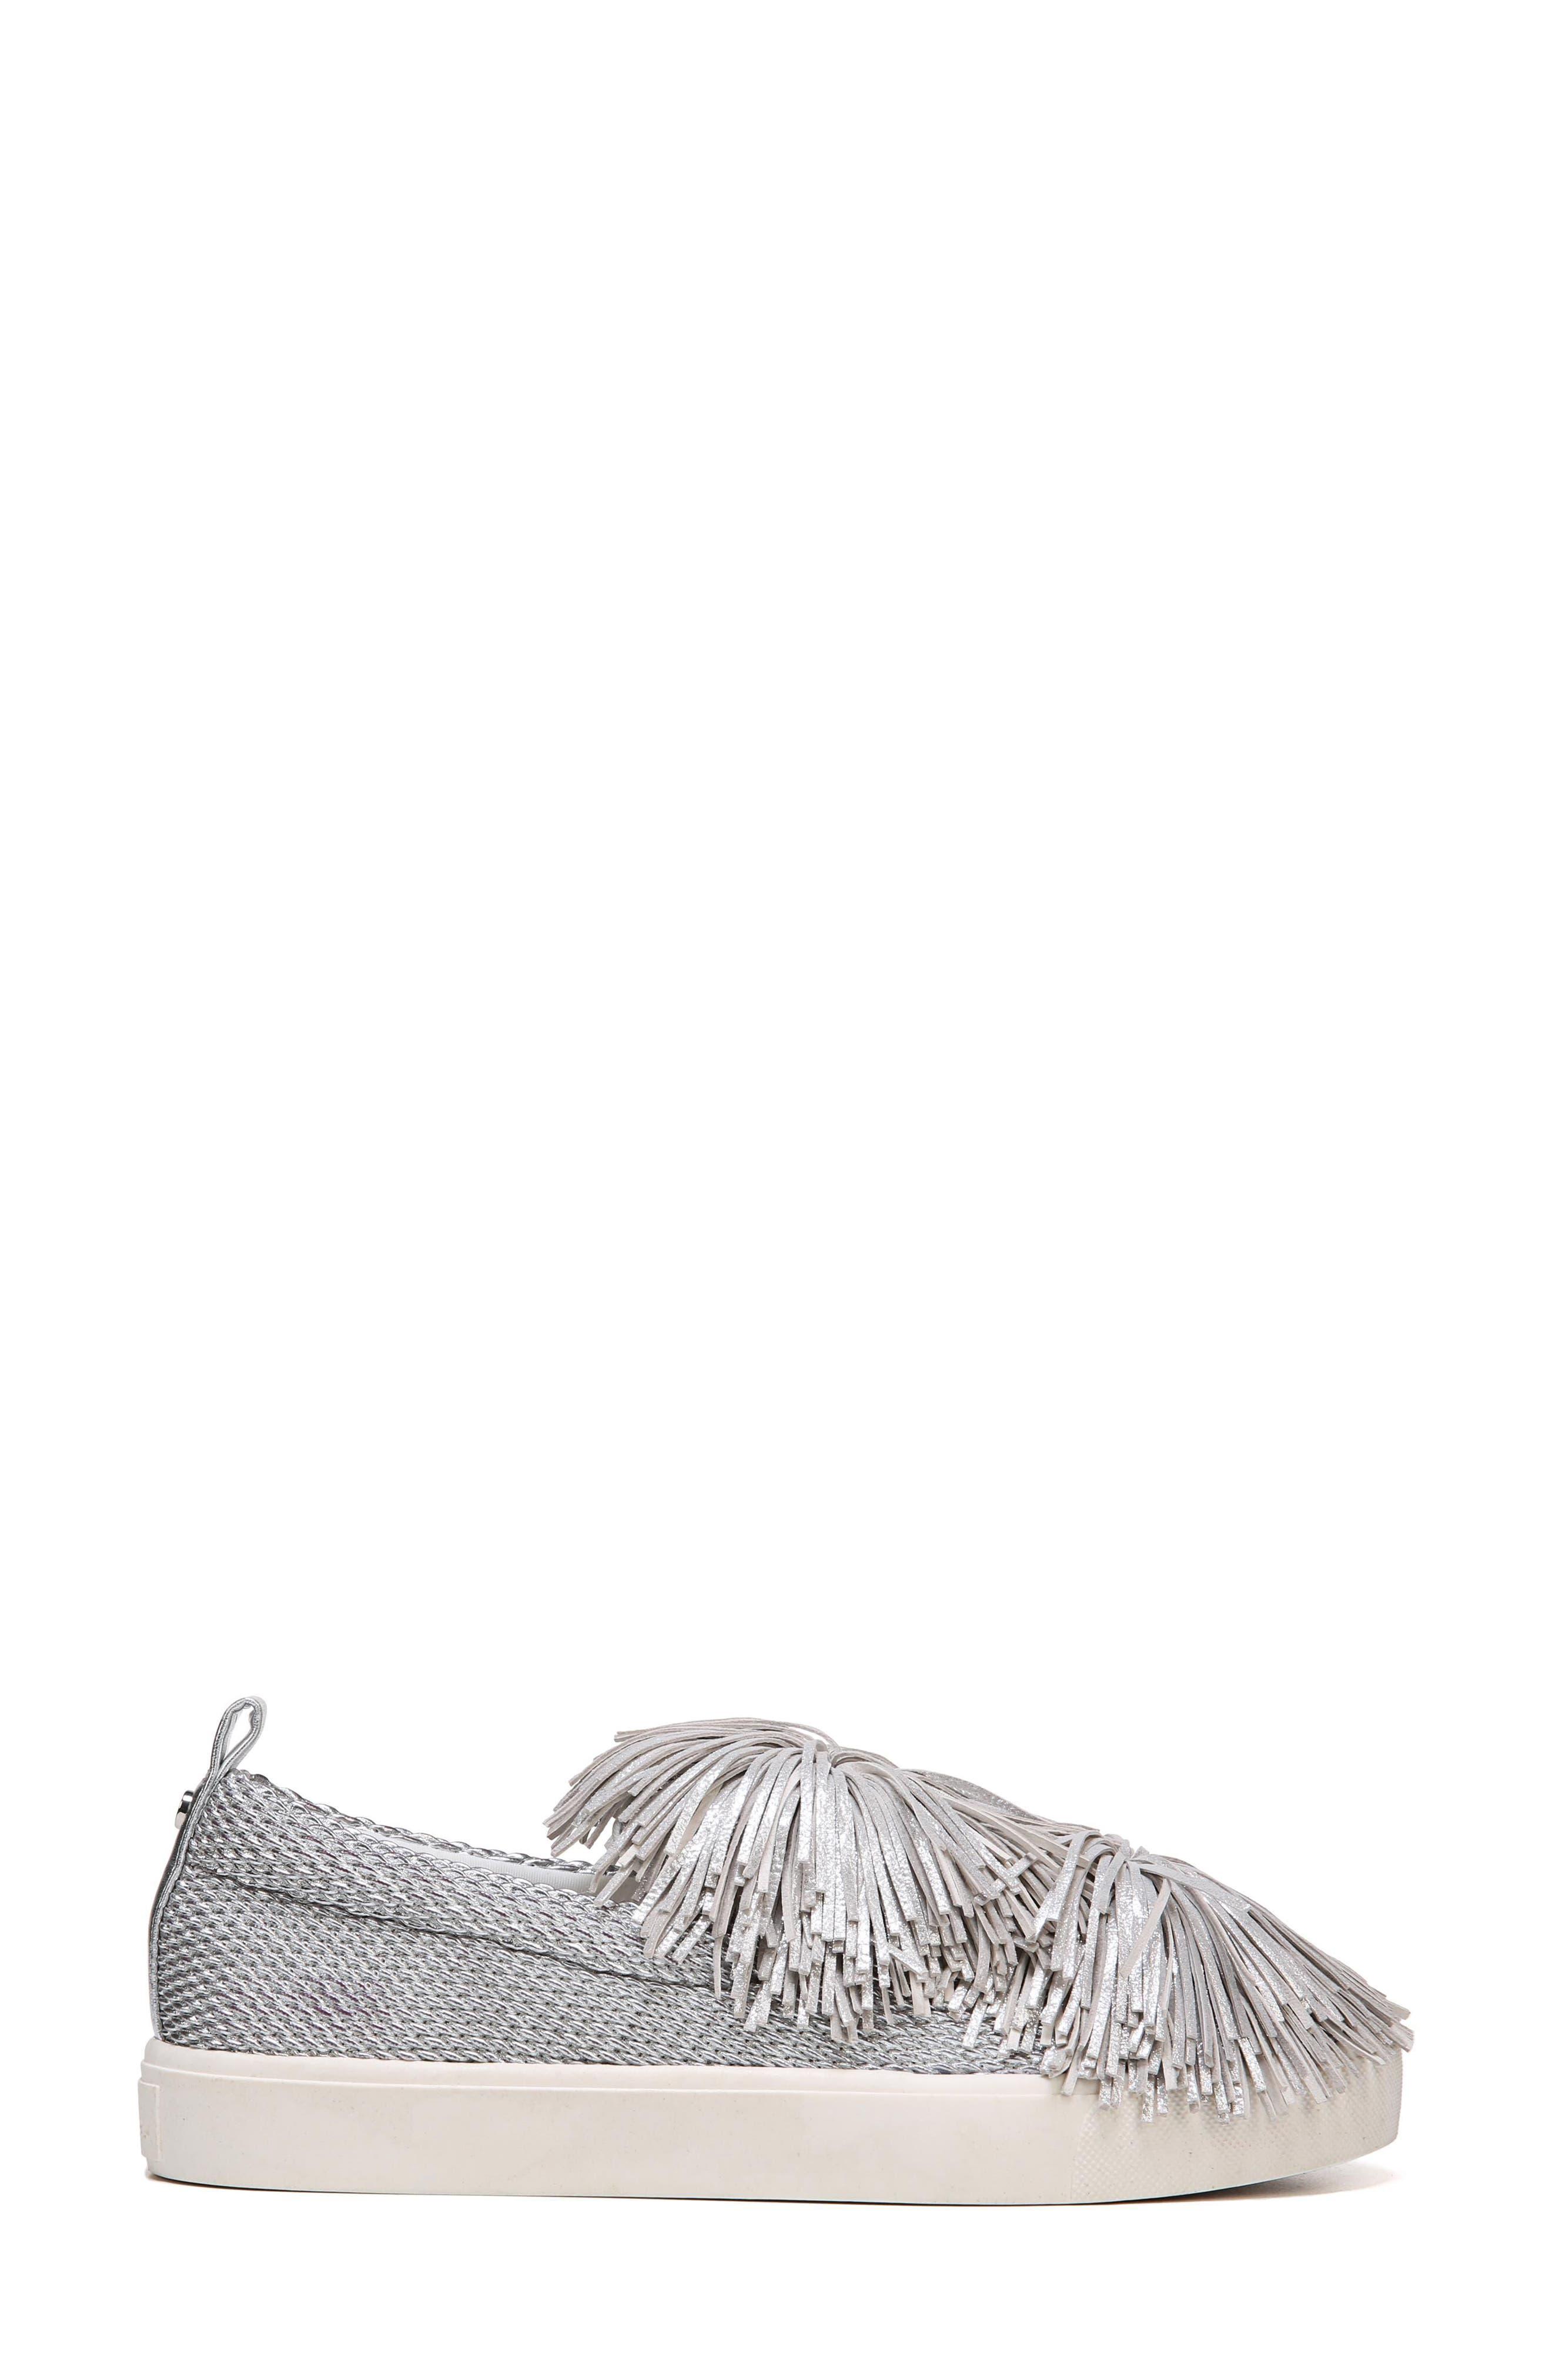 Emory Fringe Pompom Sneaker,                             Alternate thumbnail 3, color,                             Metallic Silver